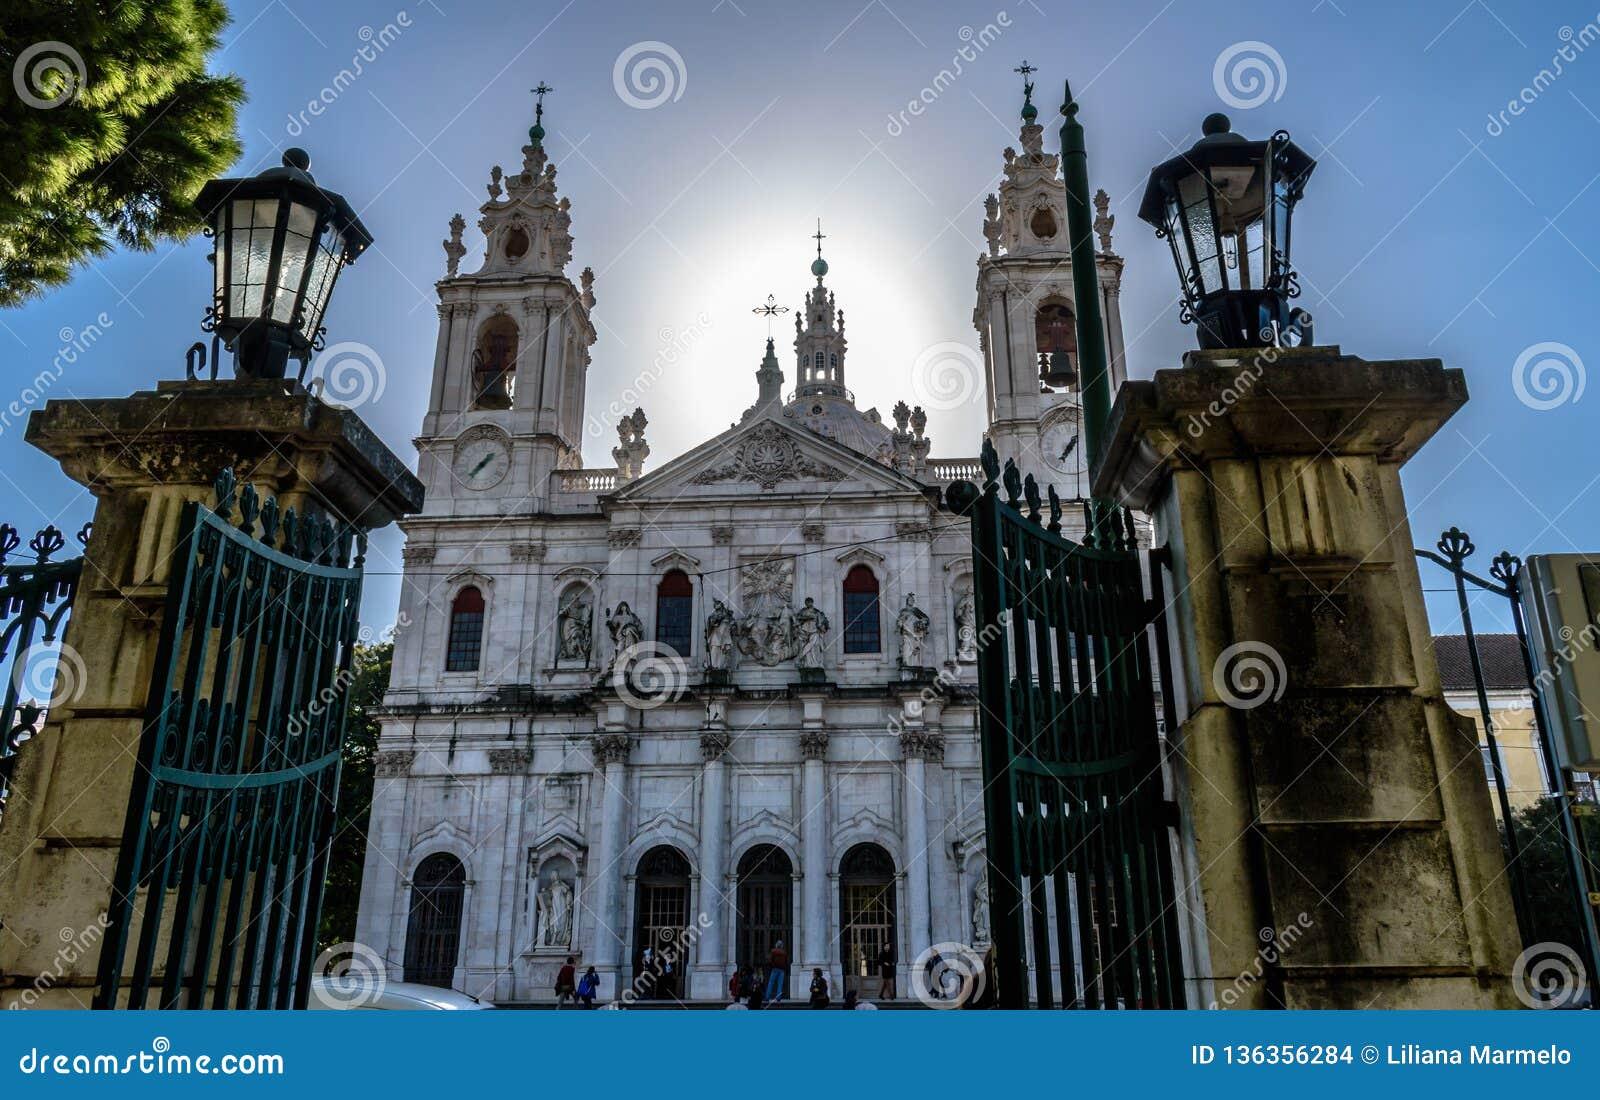 La vista alla basilica da Estrela ha incorniciato dai portoni di Jardim da Estrela, Lapa - Portogallo